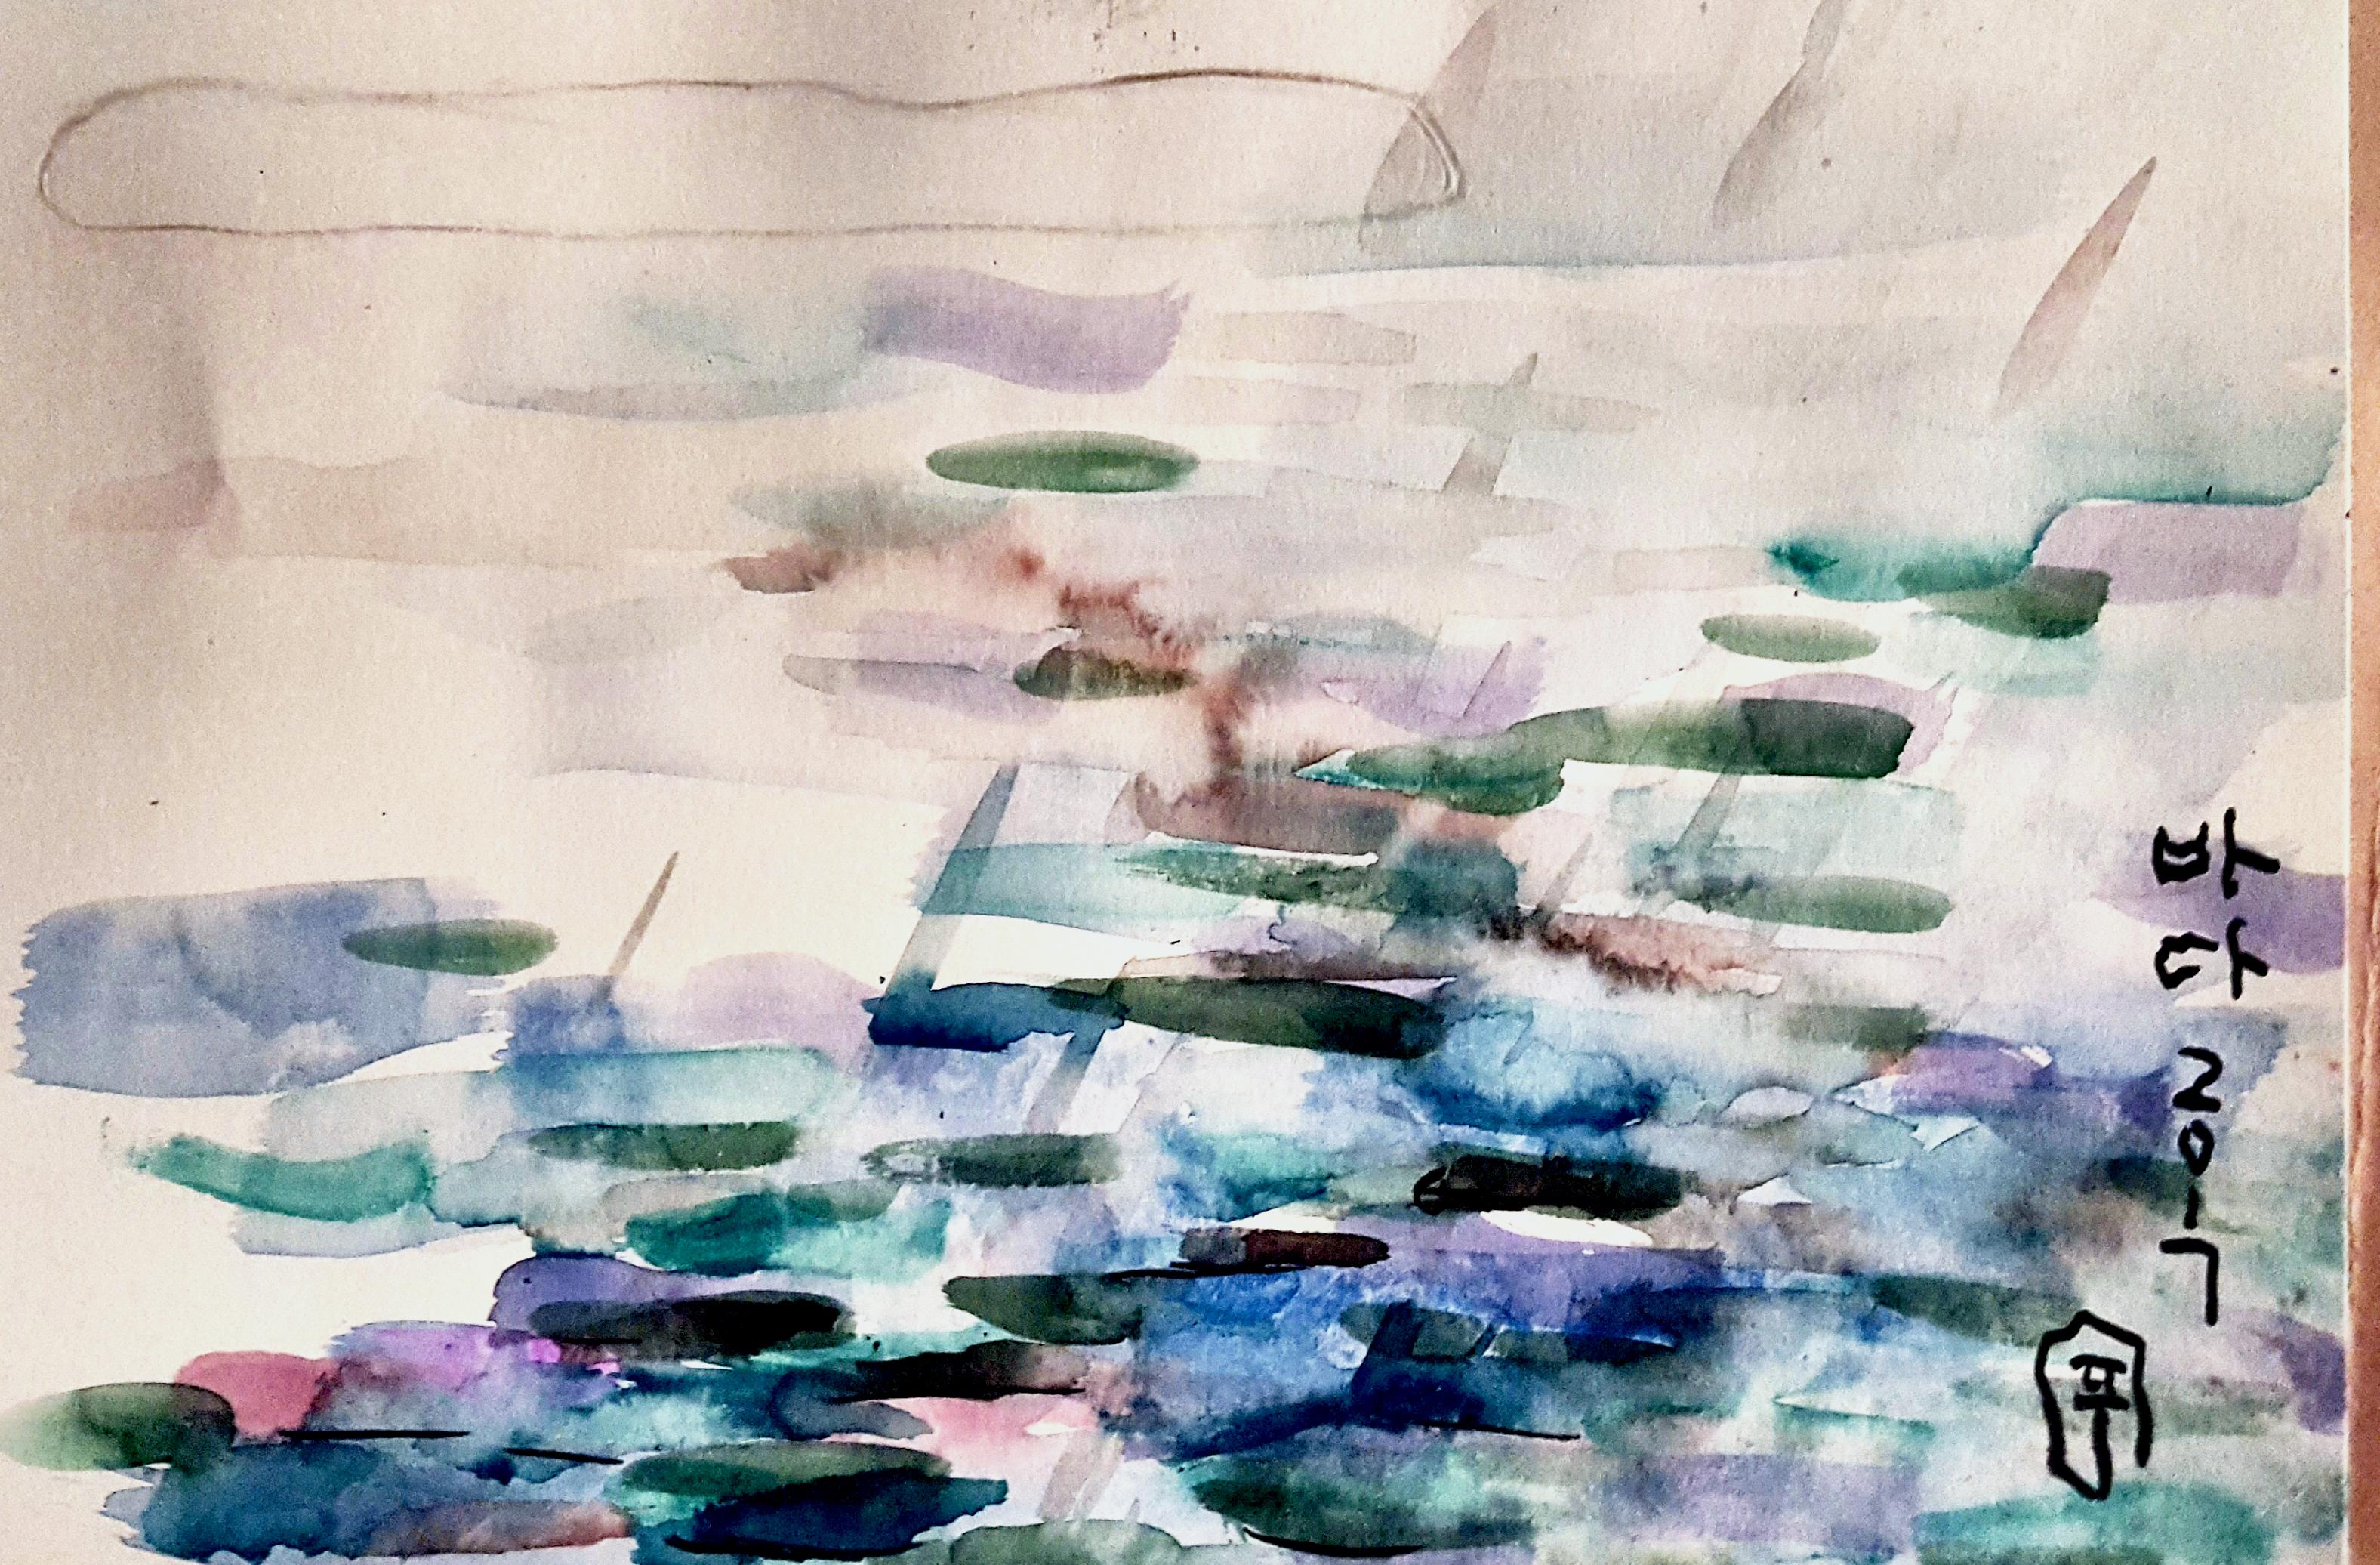 통영풍경, 33.4x24.2cm, 캔트지에 수채화물감, 2017 (2)